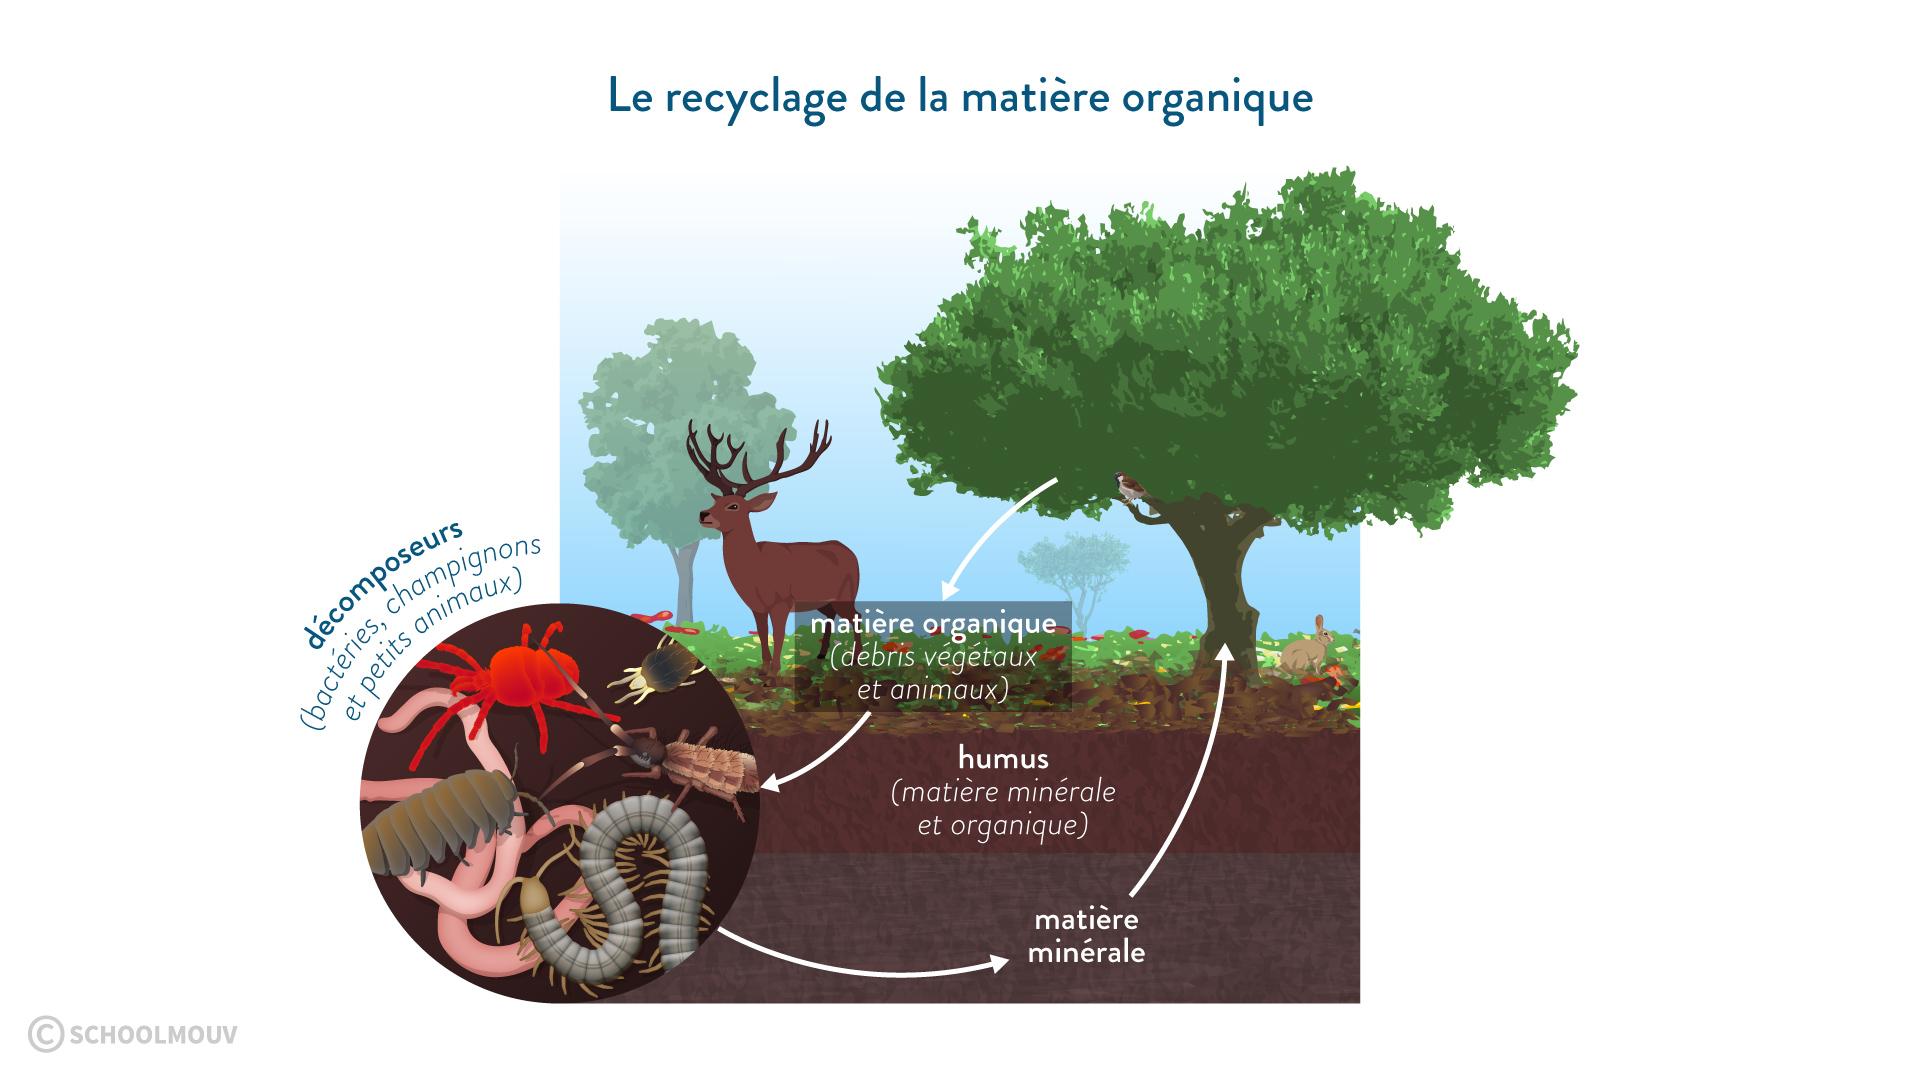 Le recyclage de la matière organique svt 6eme schoolmouv